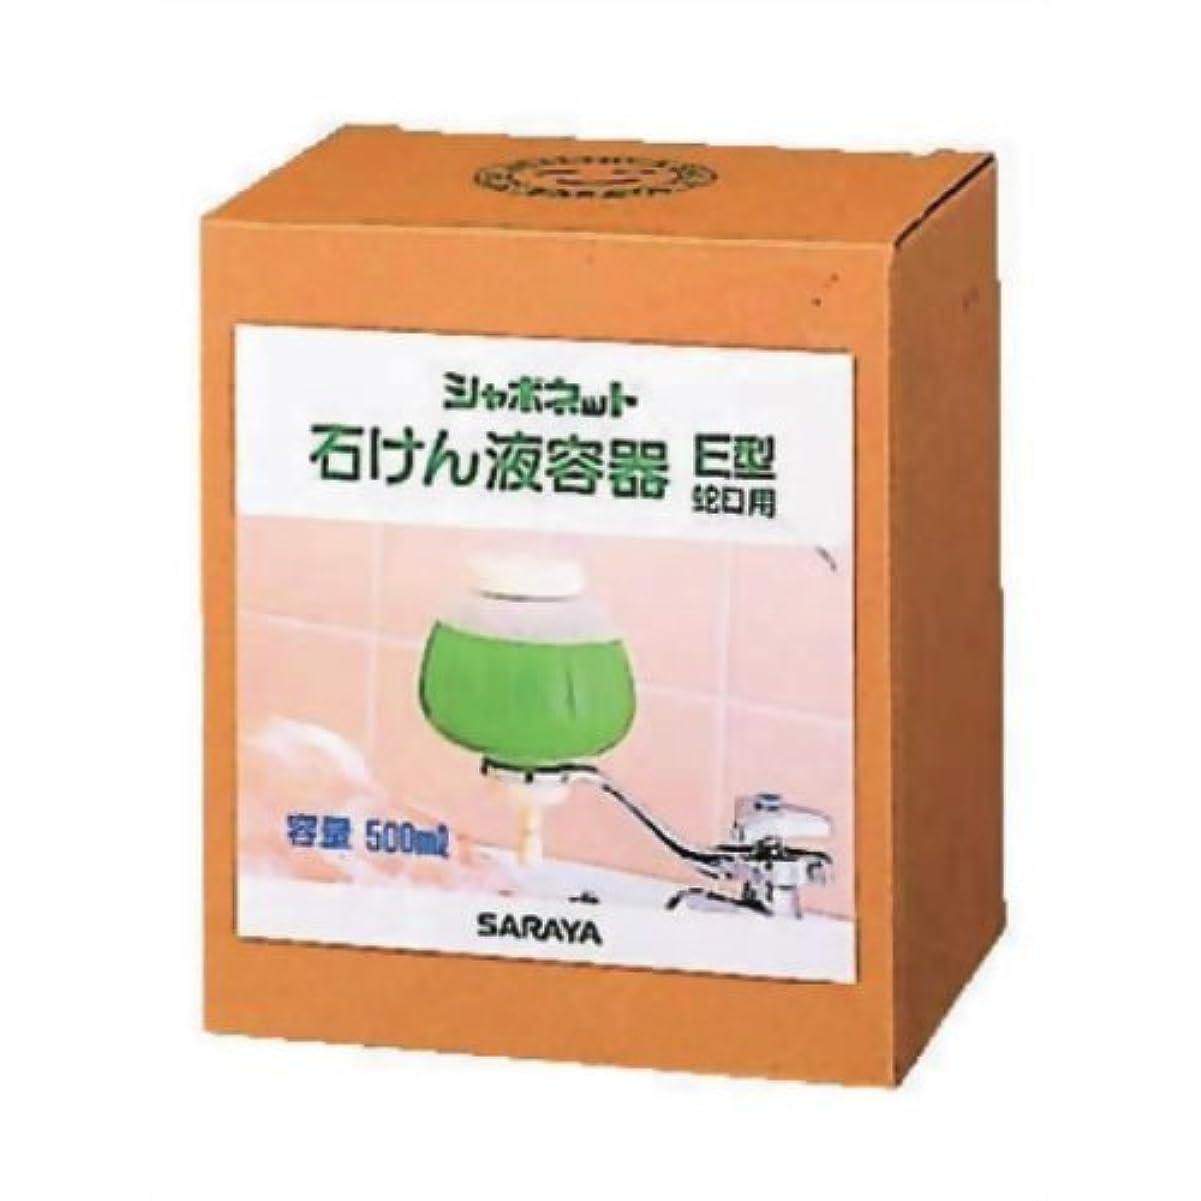 率直なホバー不正直シャボネット石鹸液容器 500mLE型蛇口用 21450/63828559 サラヤ